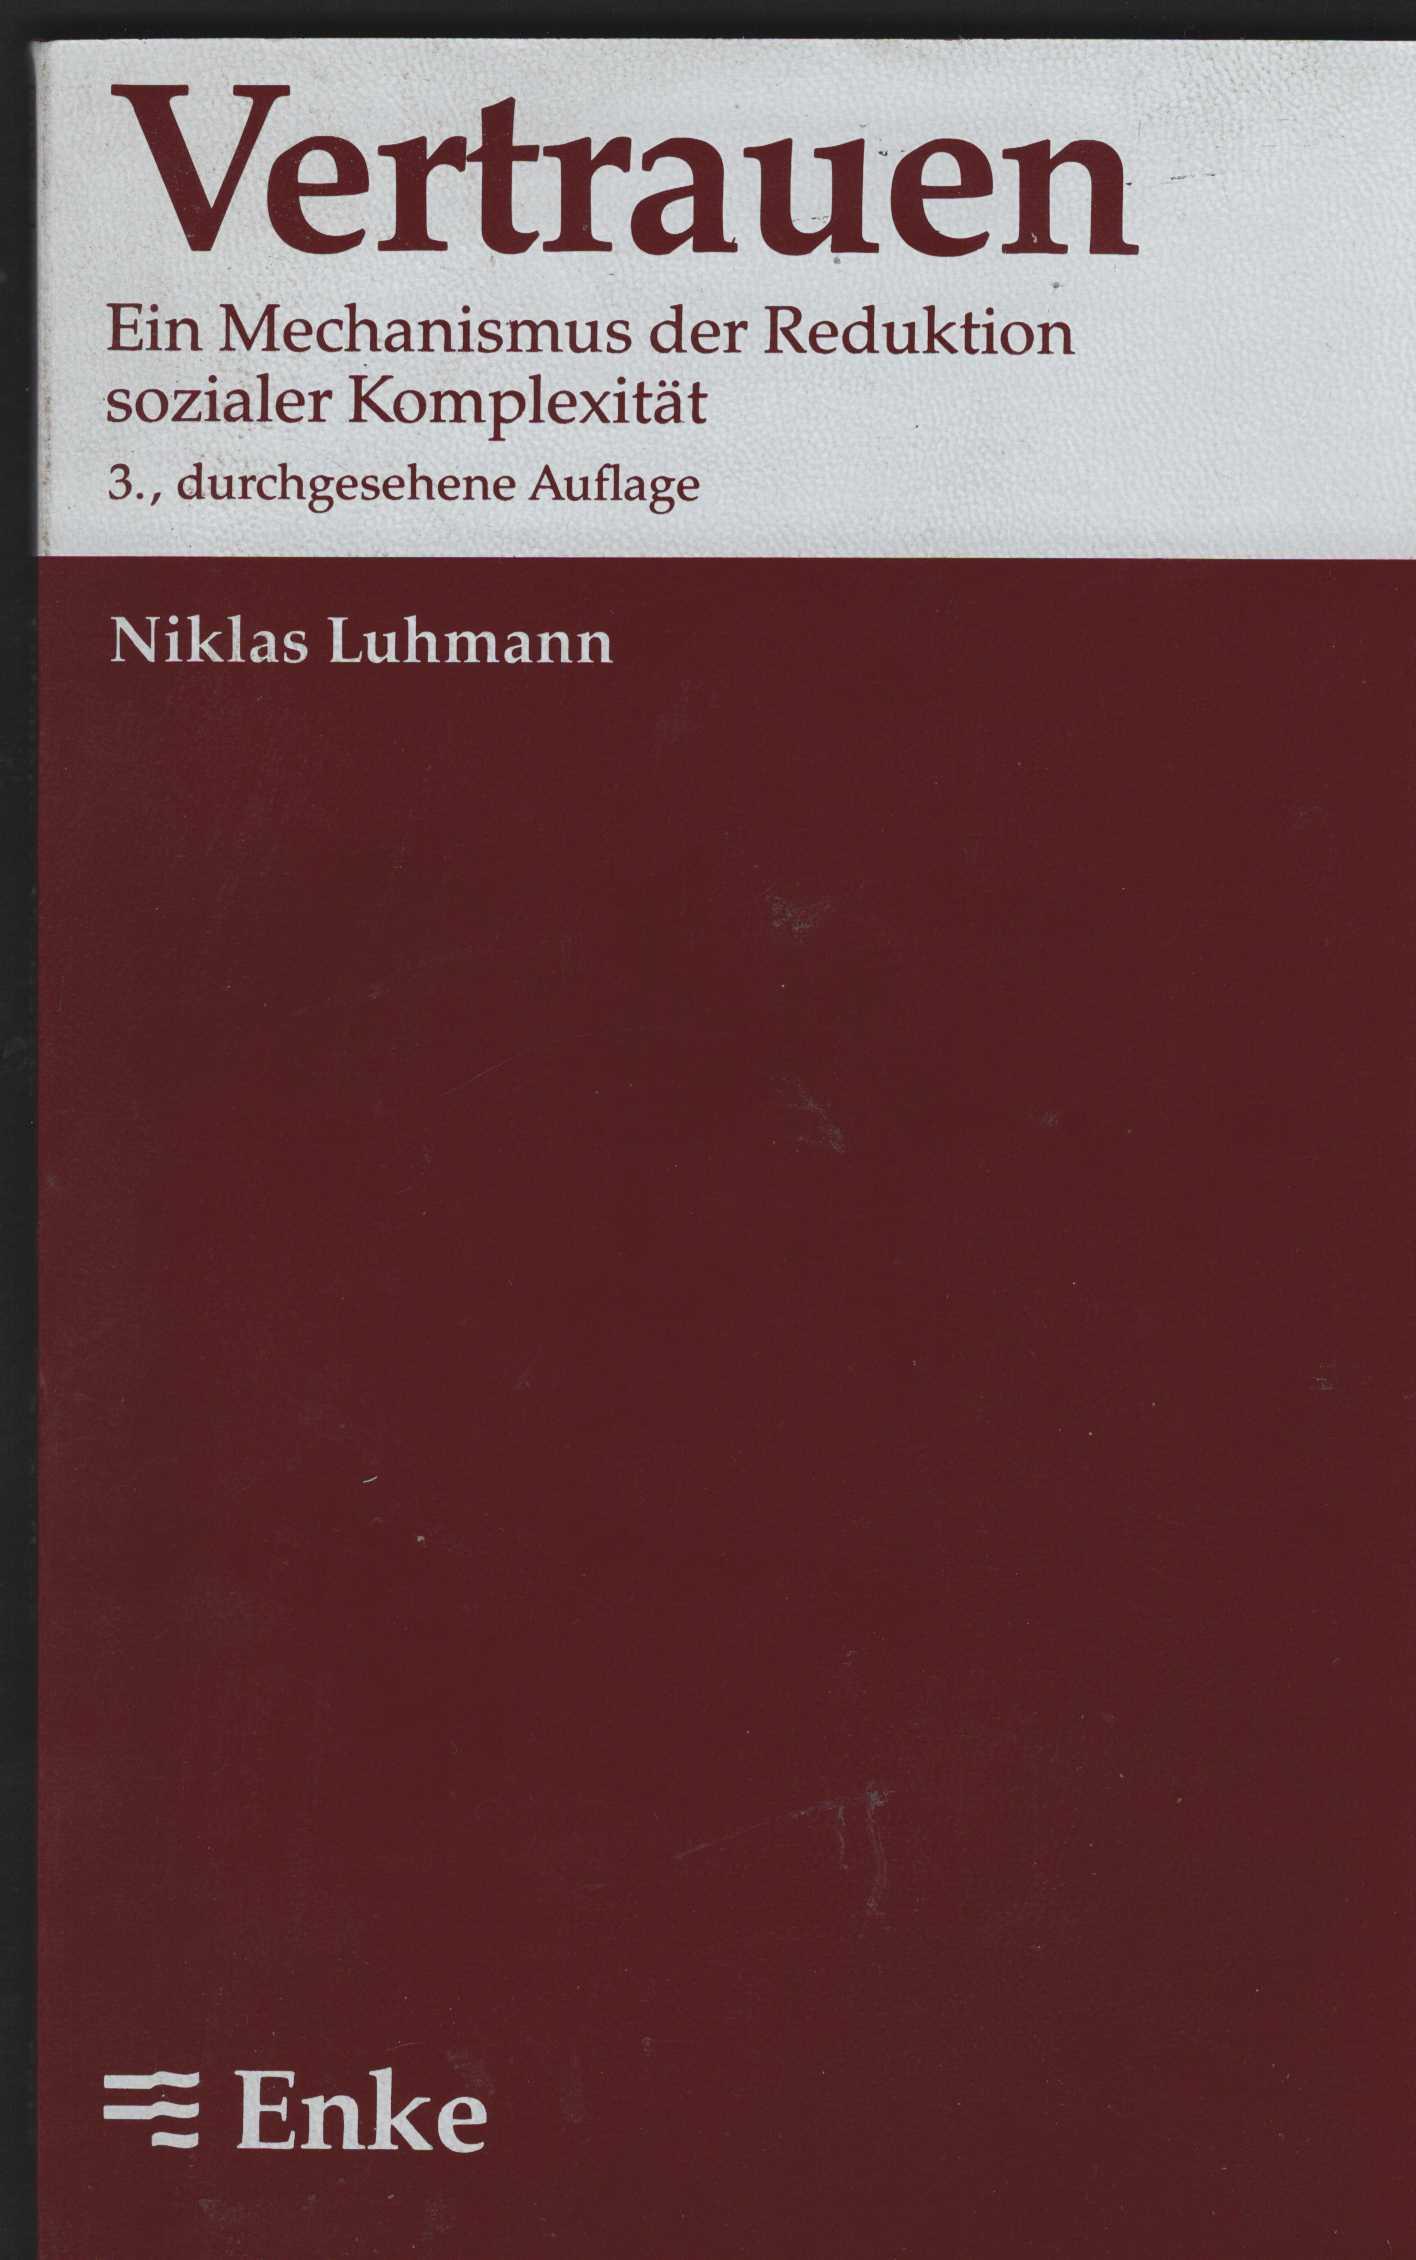 Vertrauen. Ein Mechanismus der Reduktion sozialer Komplexität.: Luhmann, Niklas: